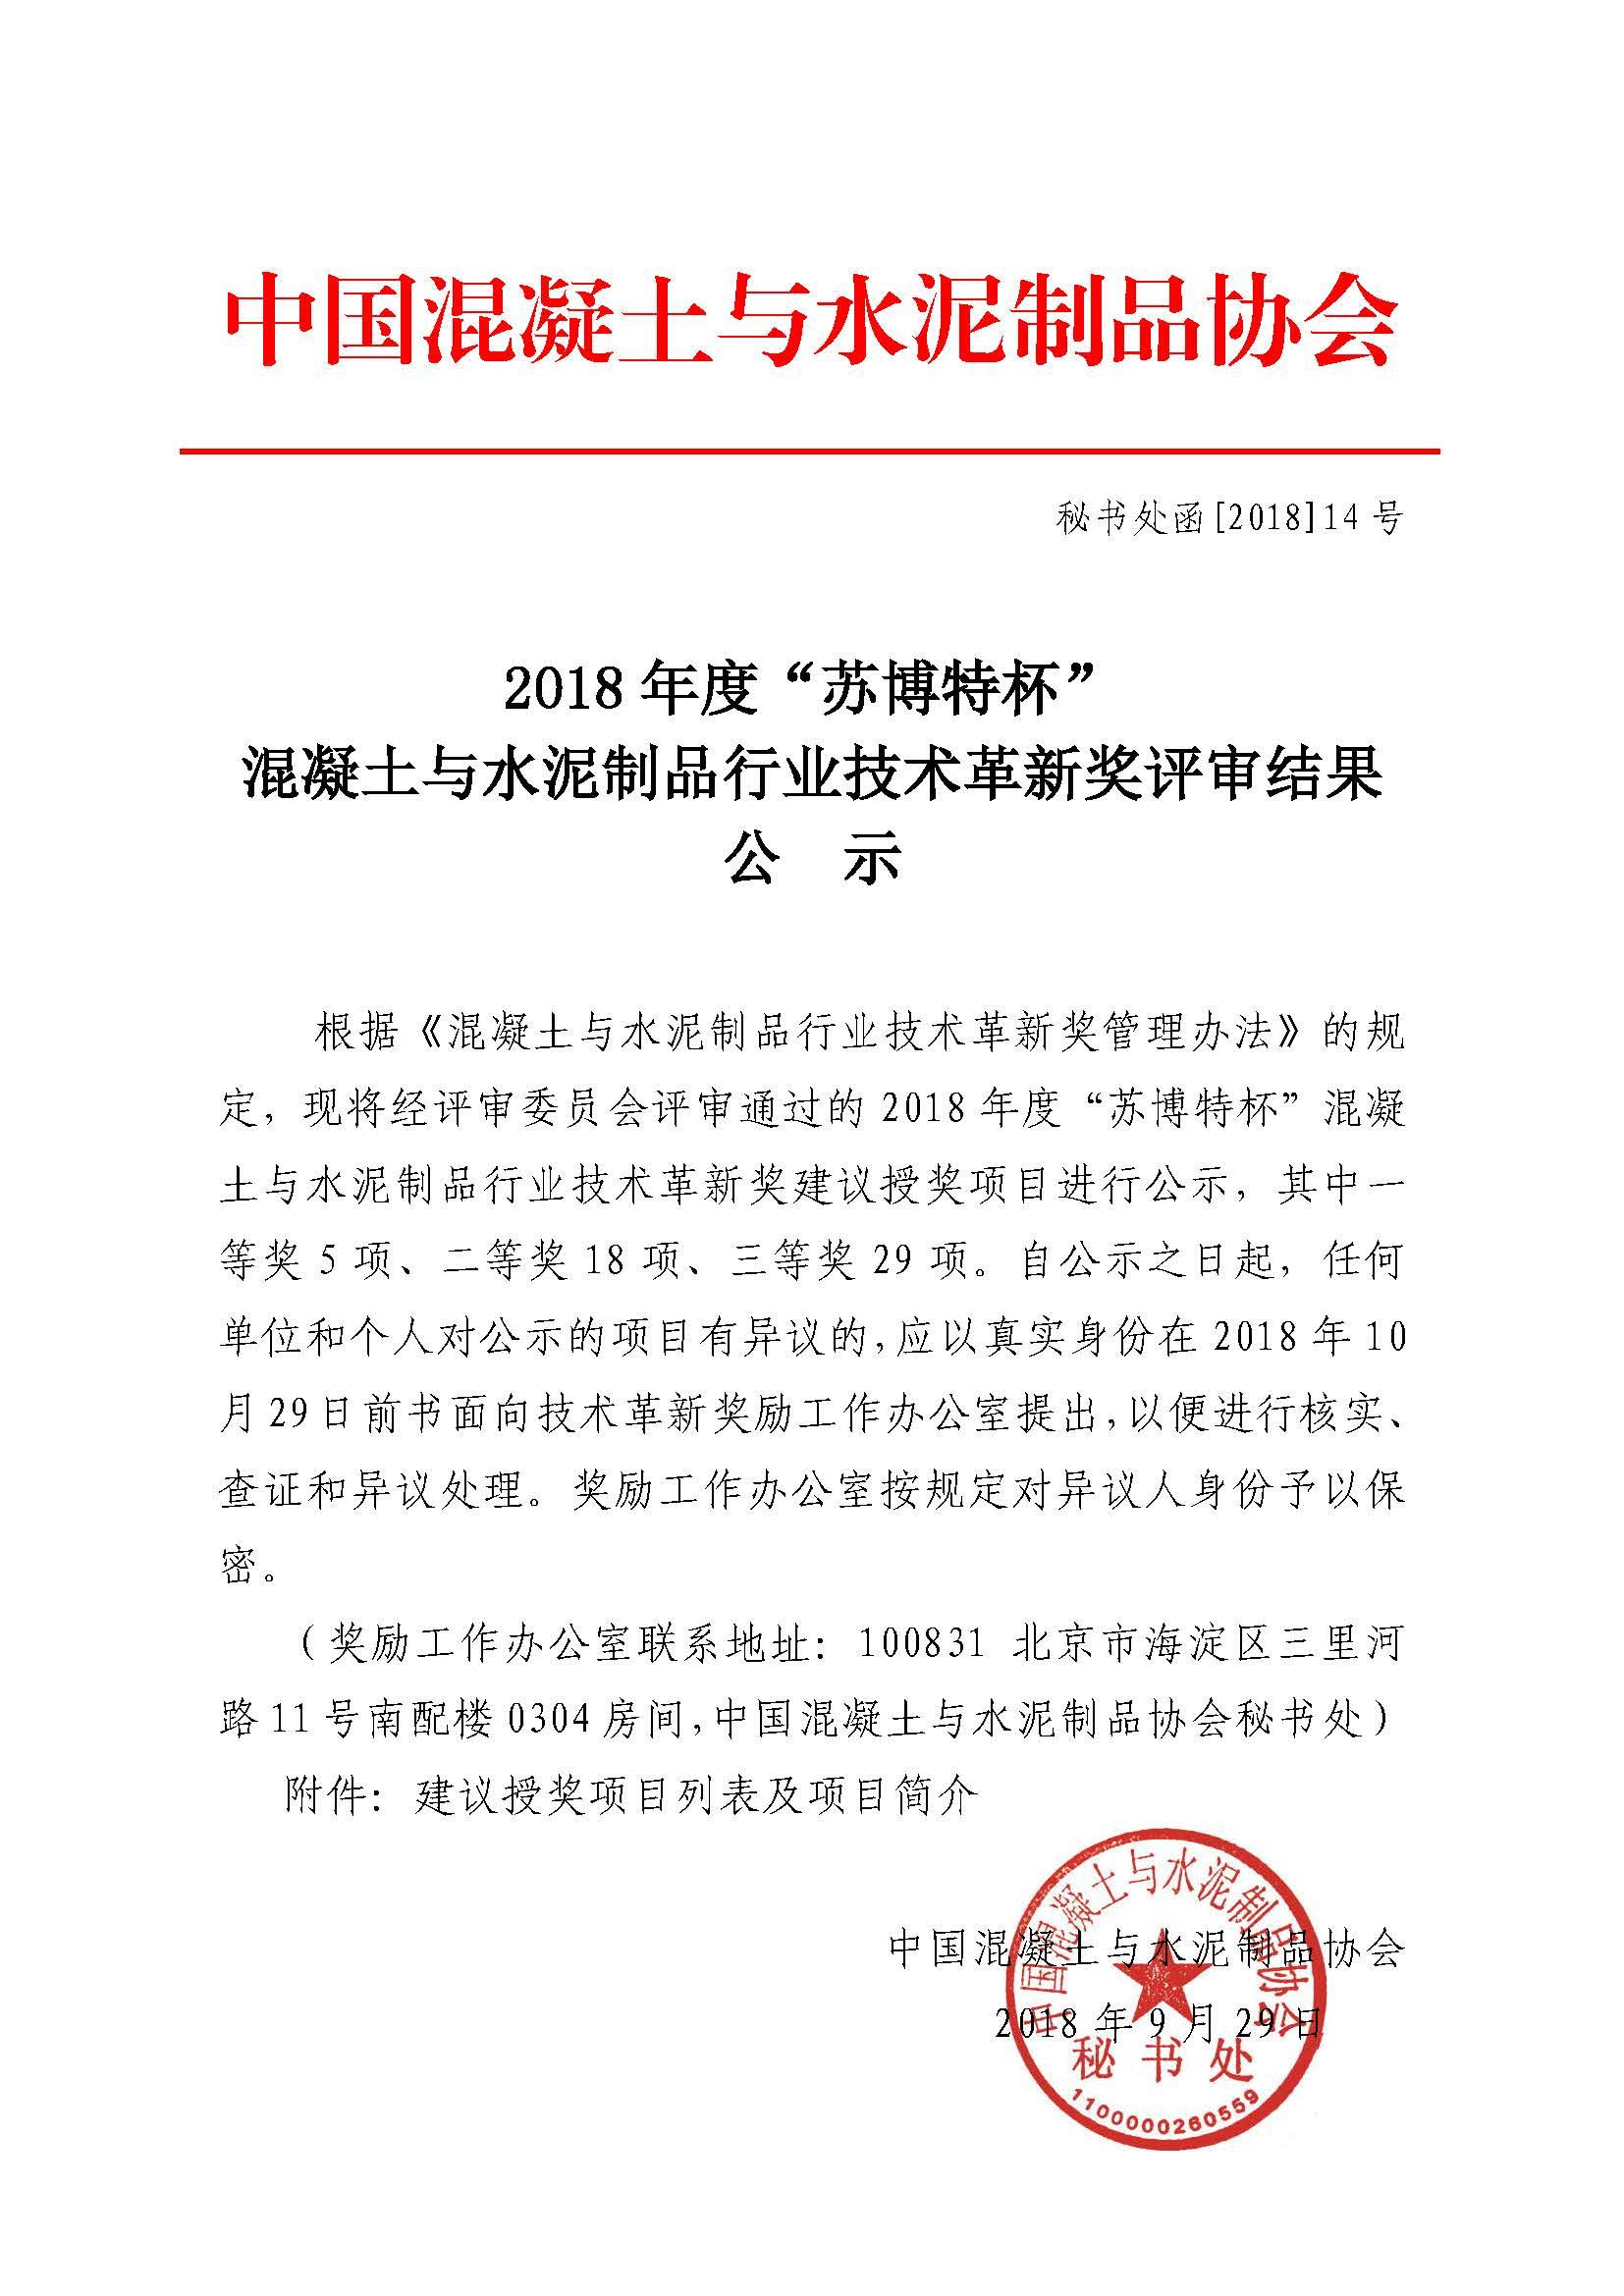 秘书处函[2018]14号2018年度技术革新奖评审结果公示 _页面_01